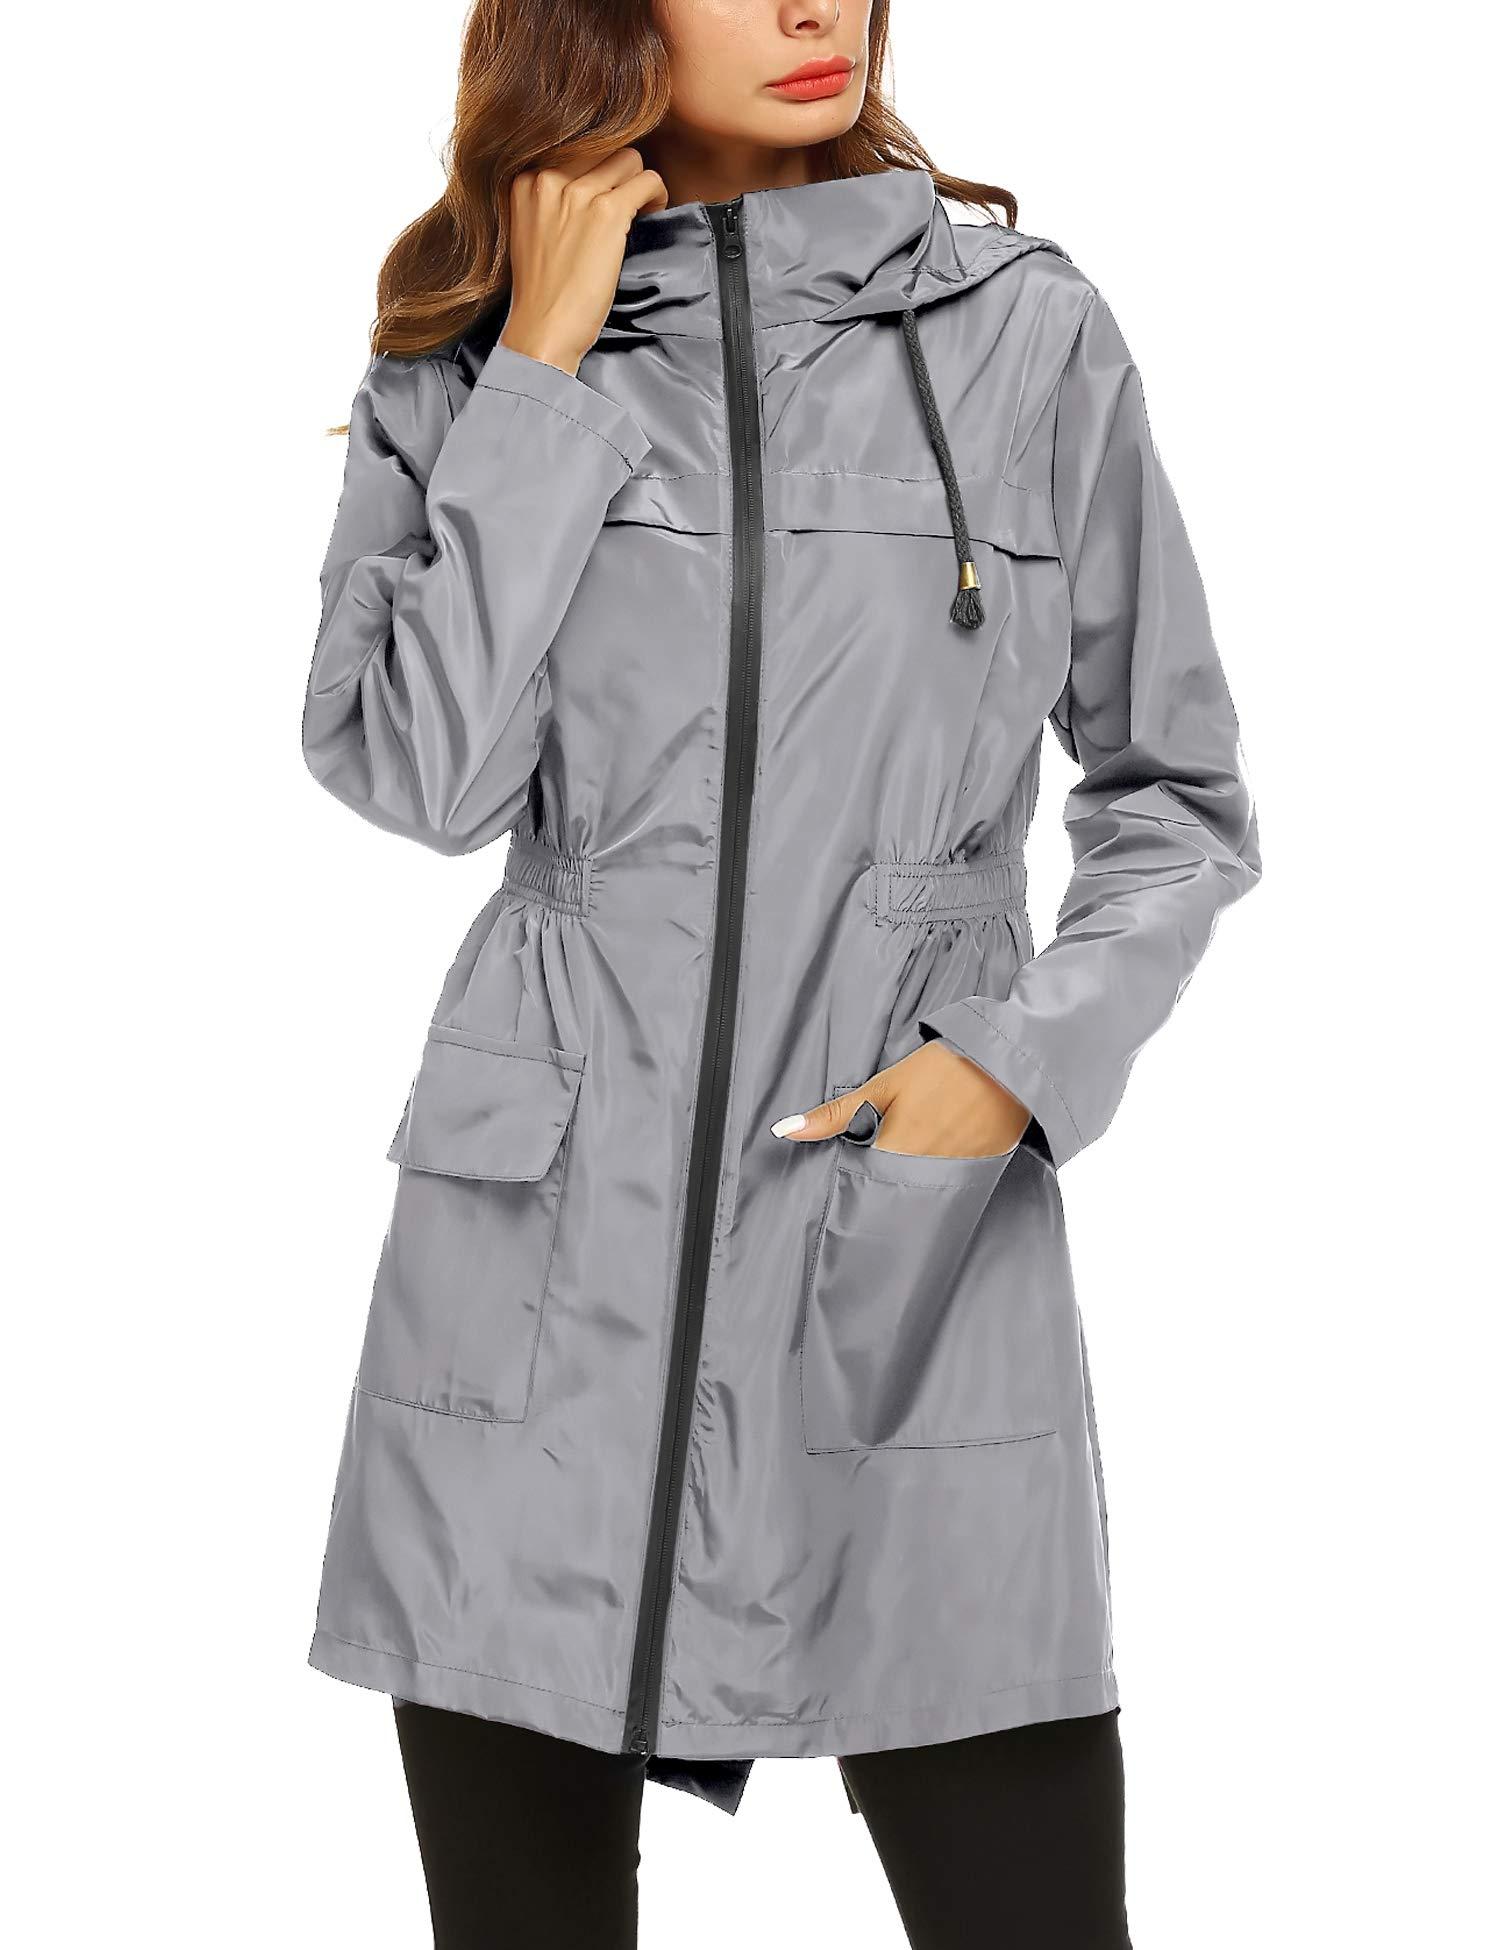 Romanstii Raincoat Outdoor Women's Lightweight Jackets Waterproof Packable Active Outdoor Rain Jacket